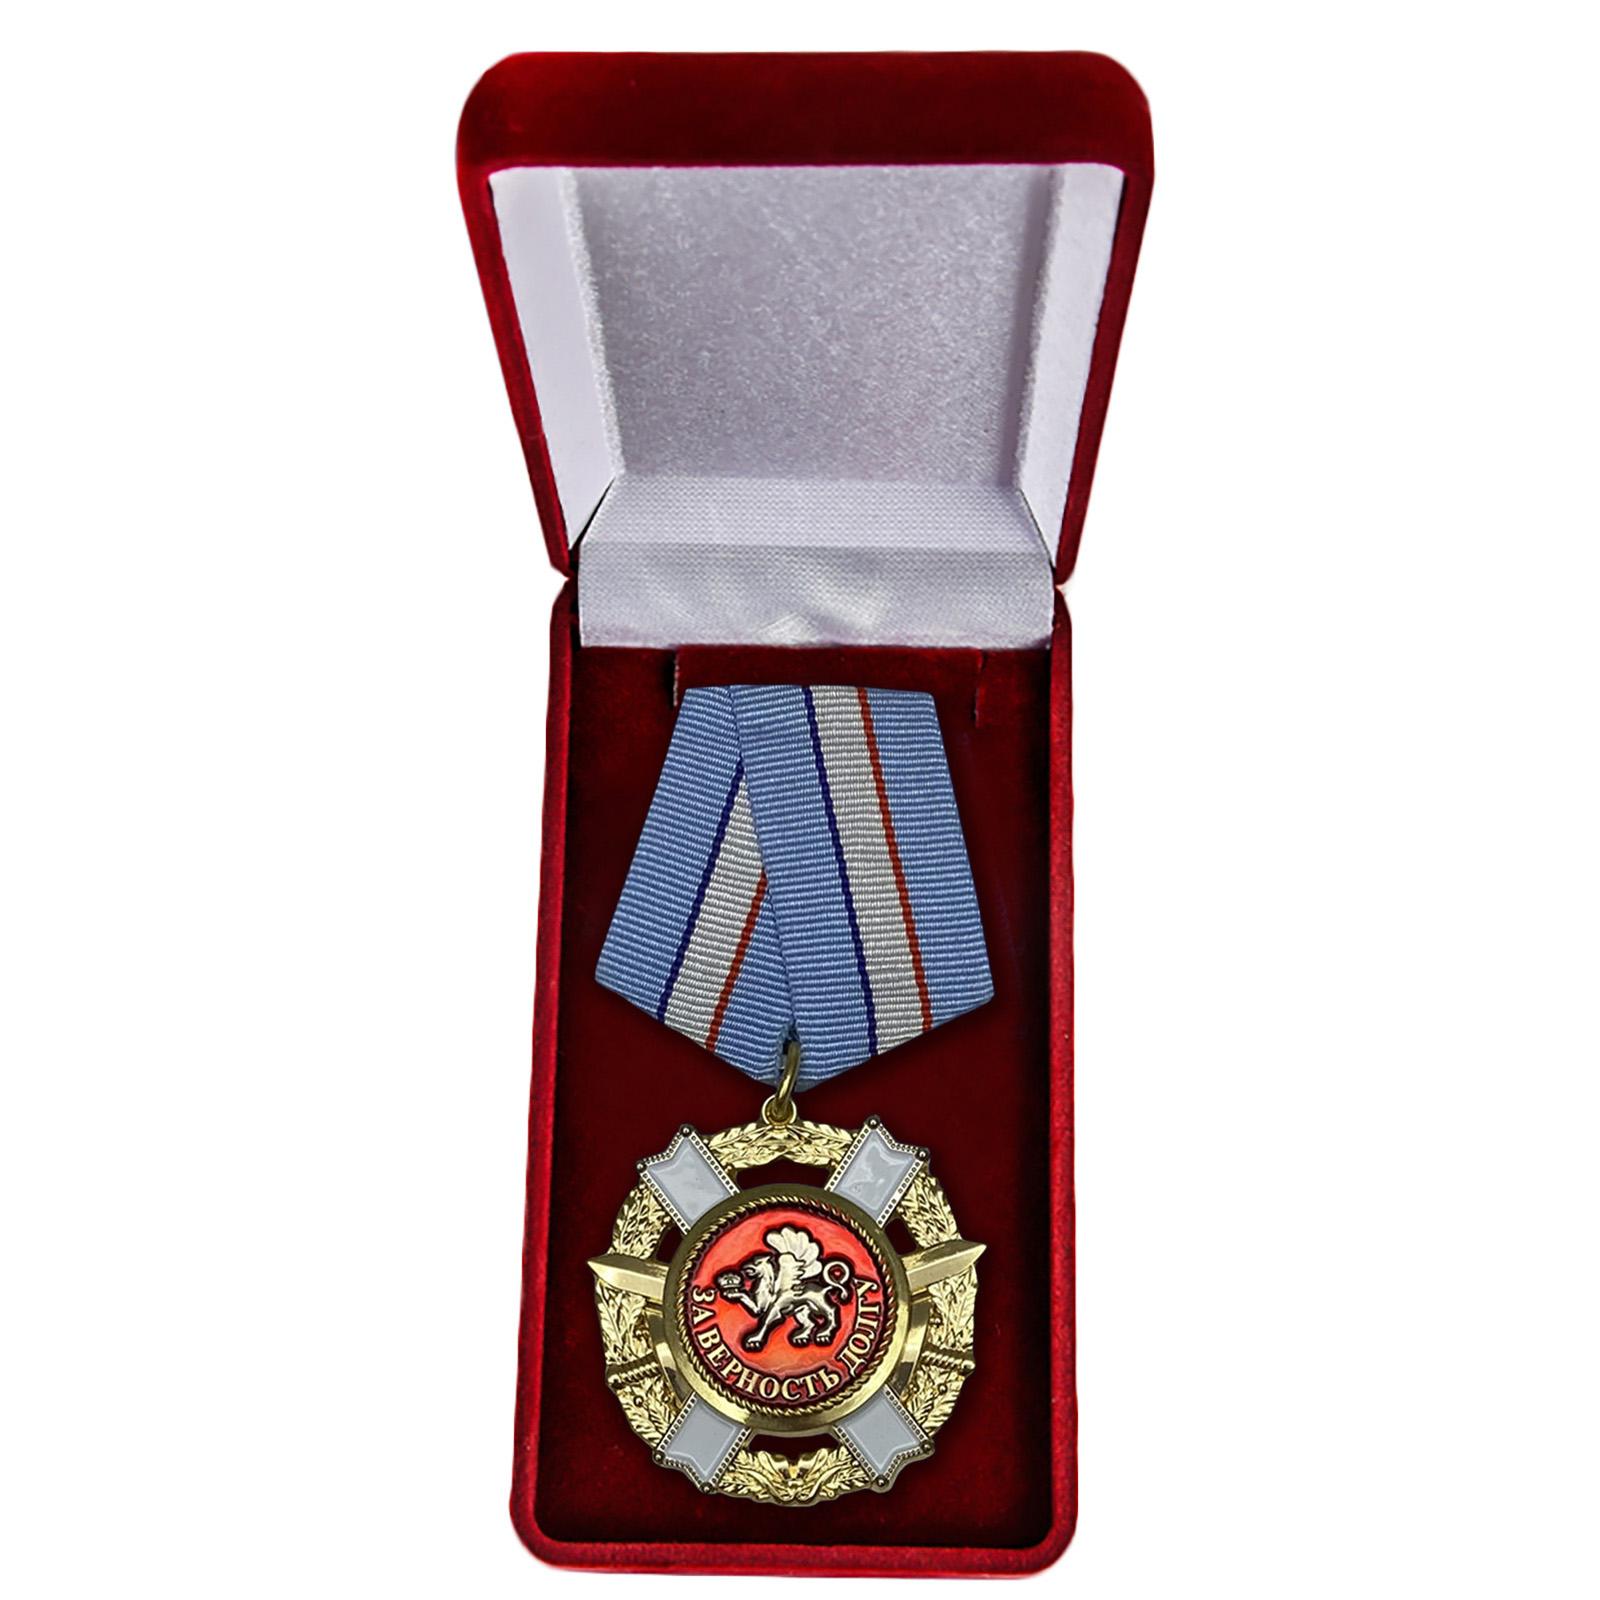 Наградной орден За верность долгу с мечами (Республика Крым) - вфутляре